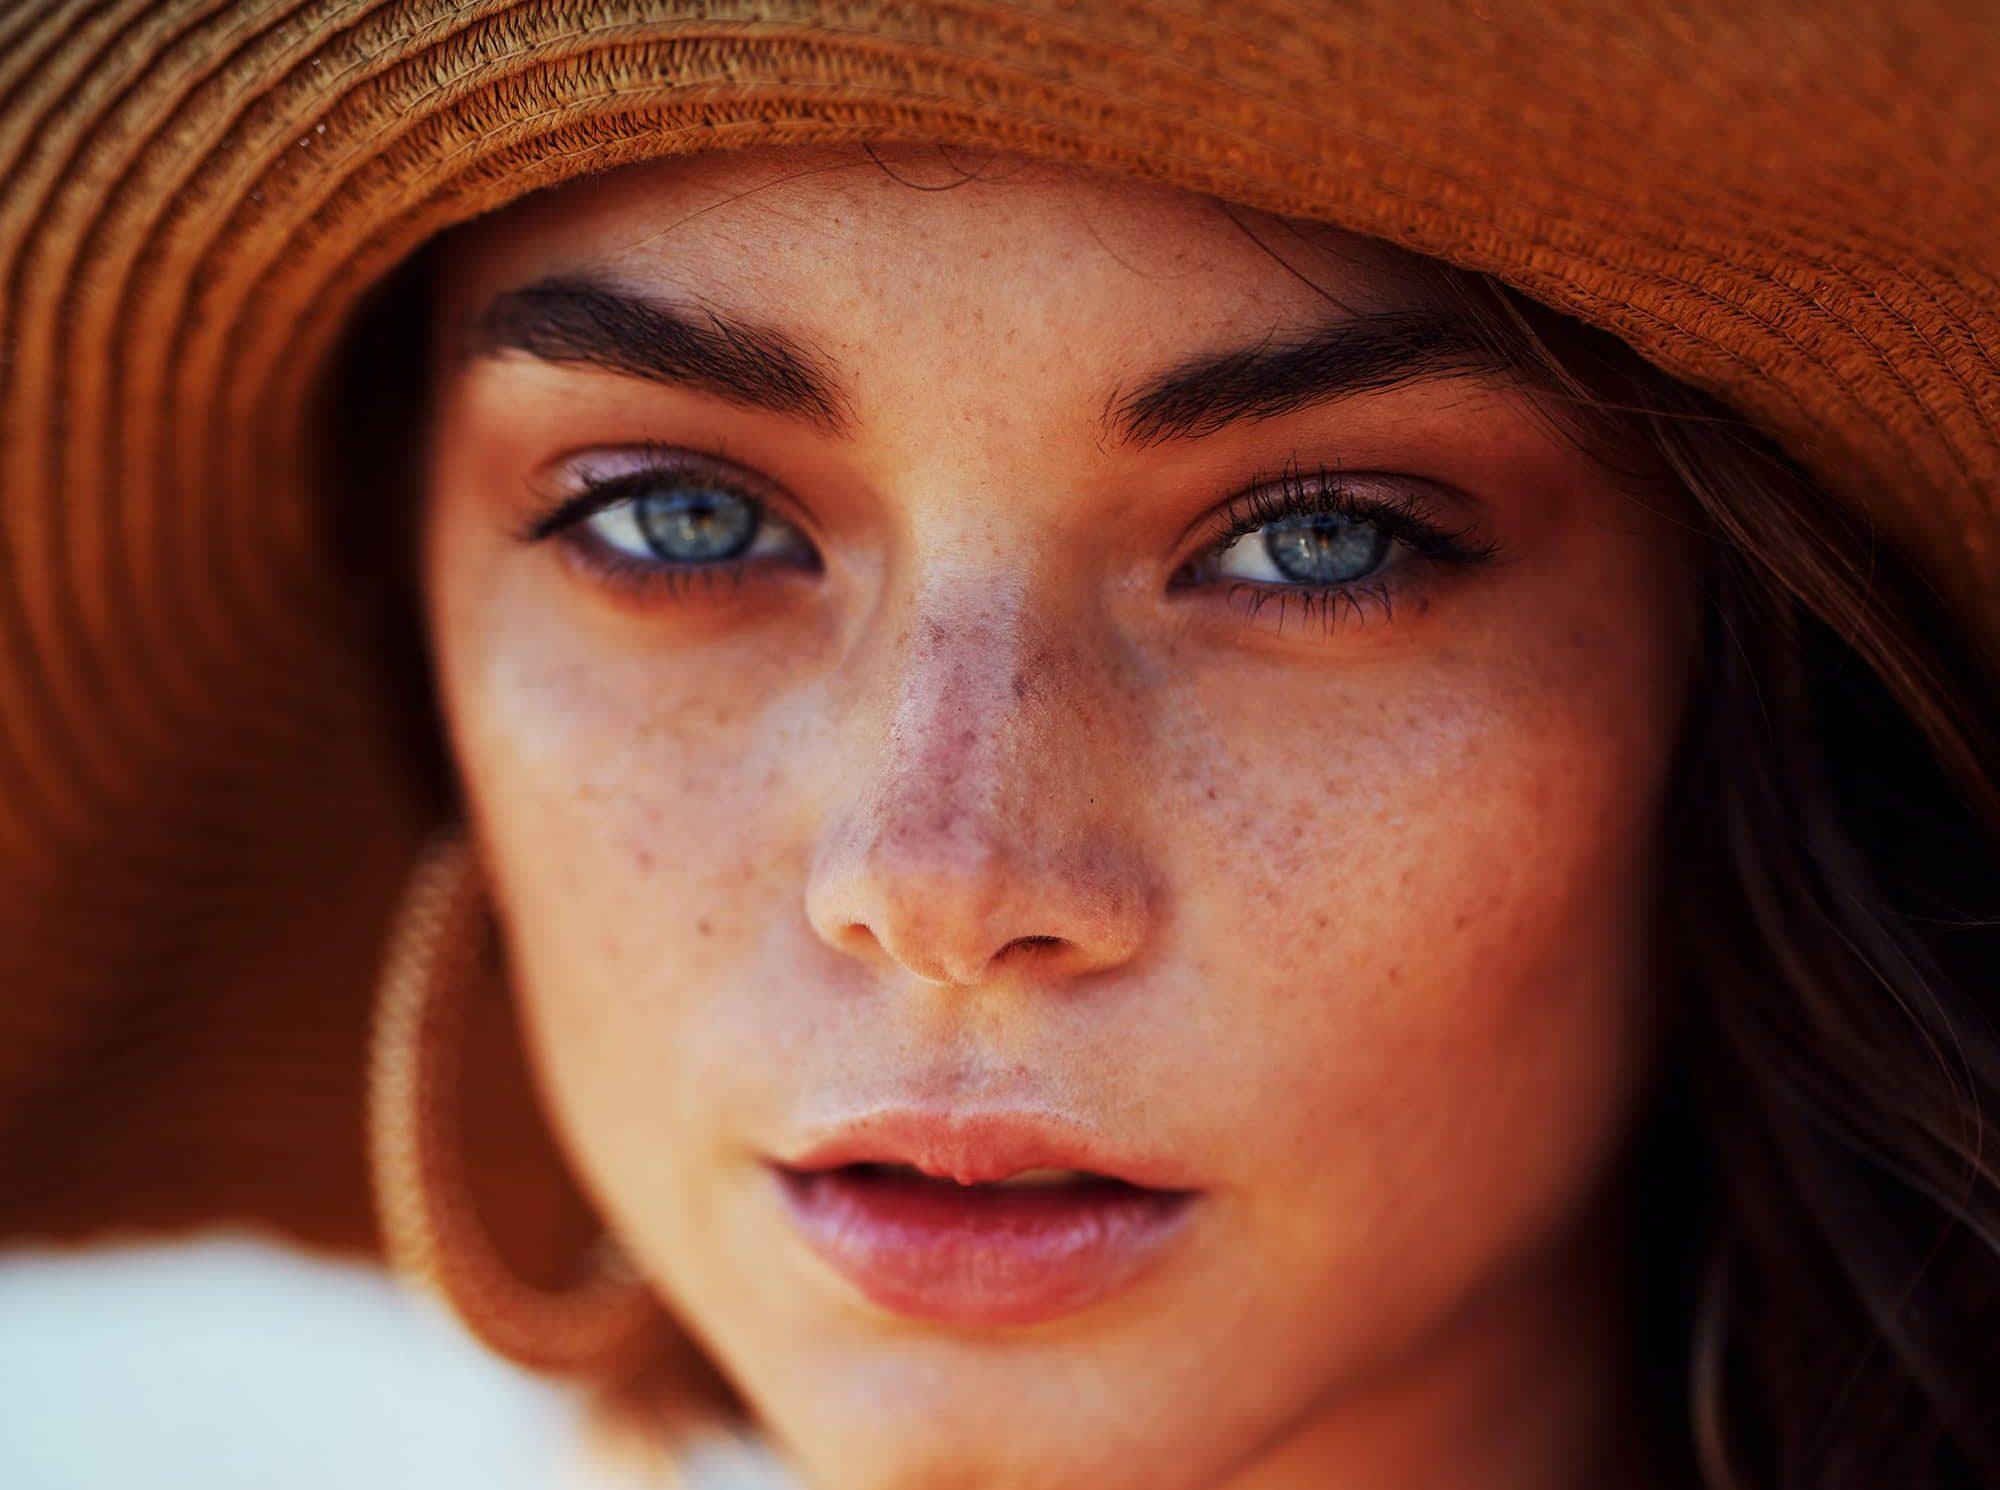 Woman with photosensitivity skin rash wearing a sun hat.